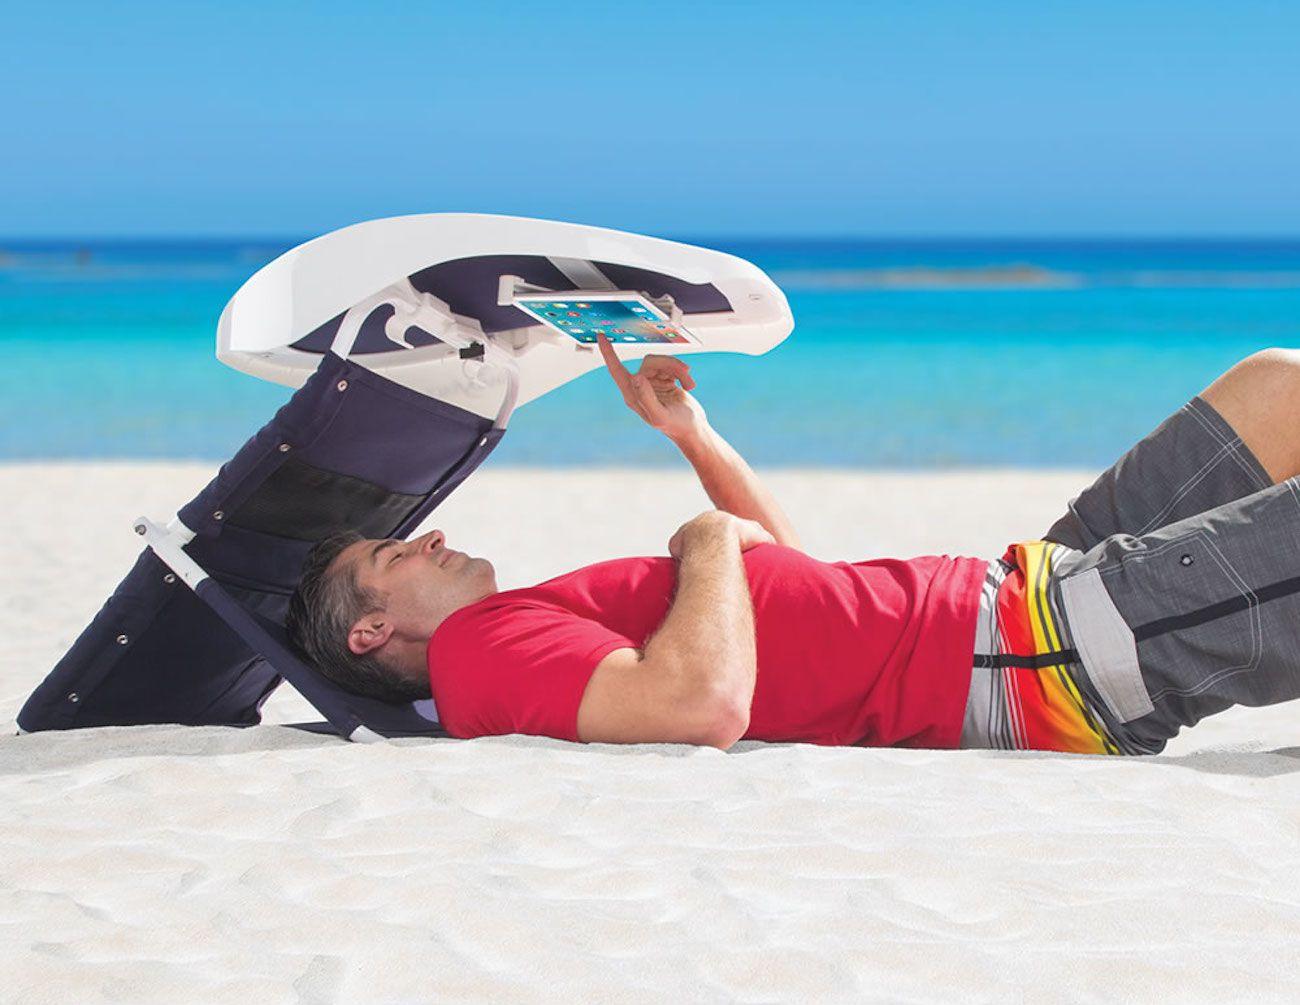 Гаждеты и другая техника для отпуска в Доминикане